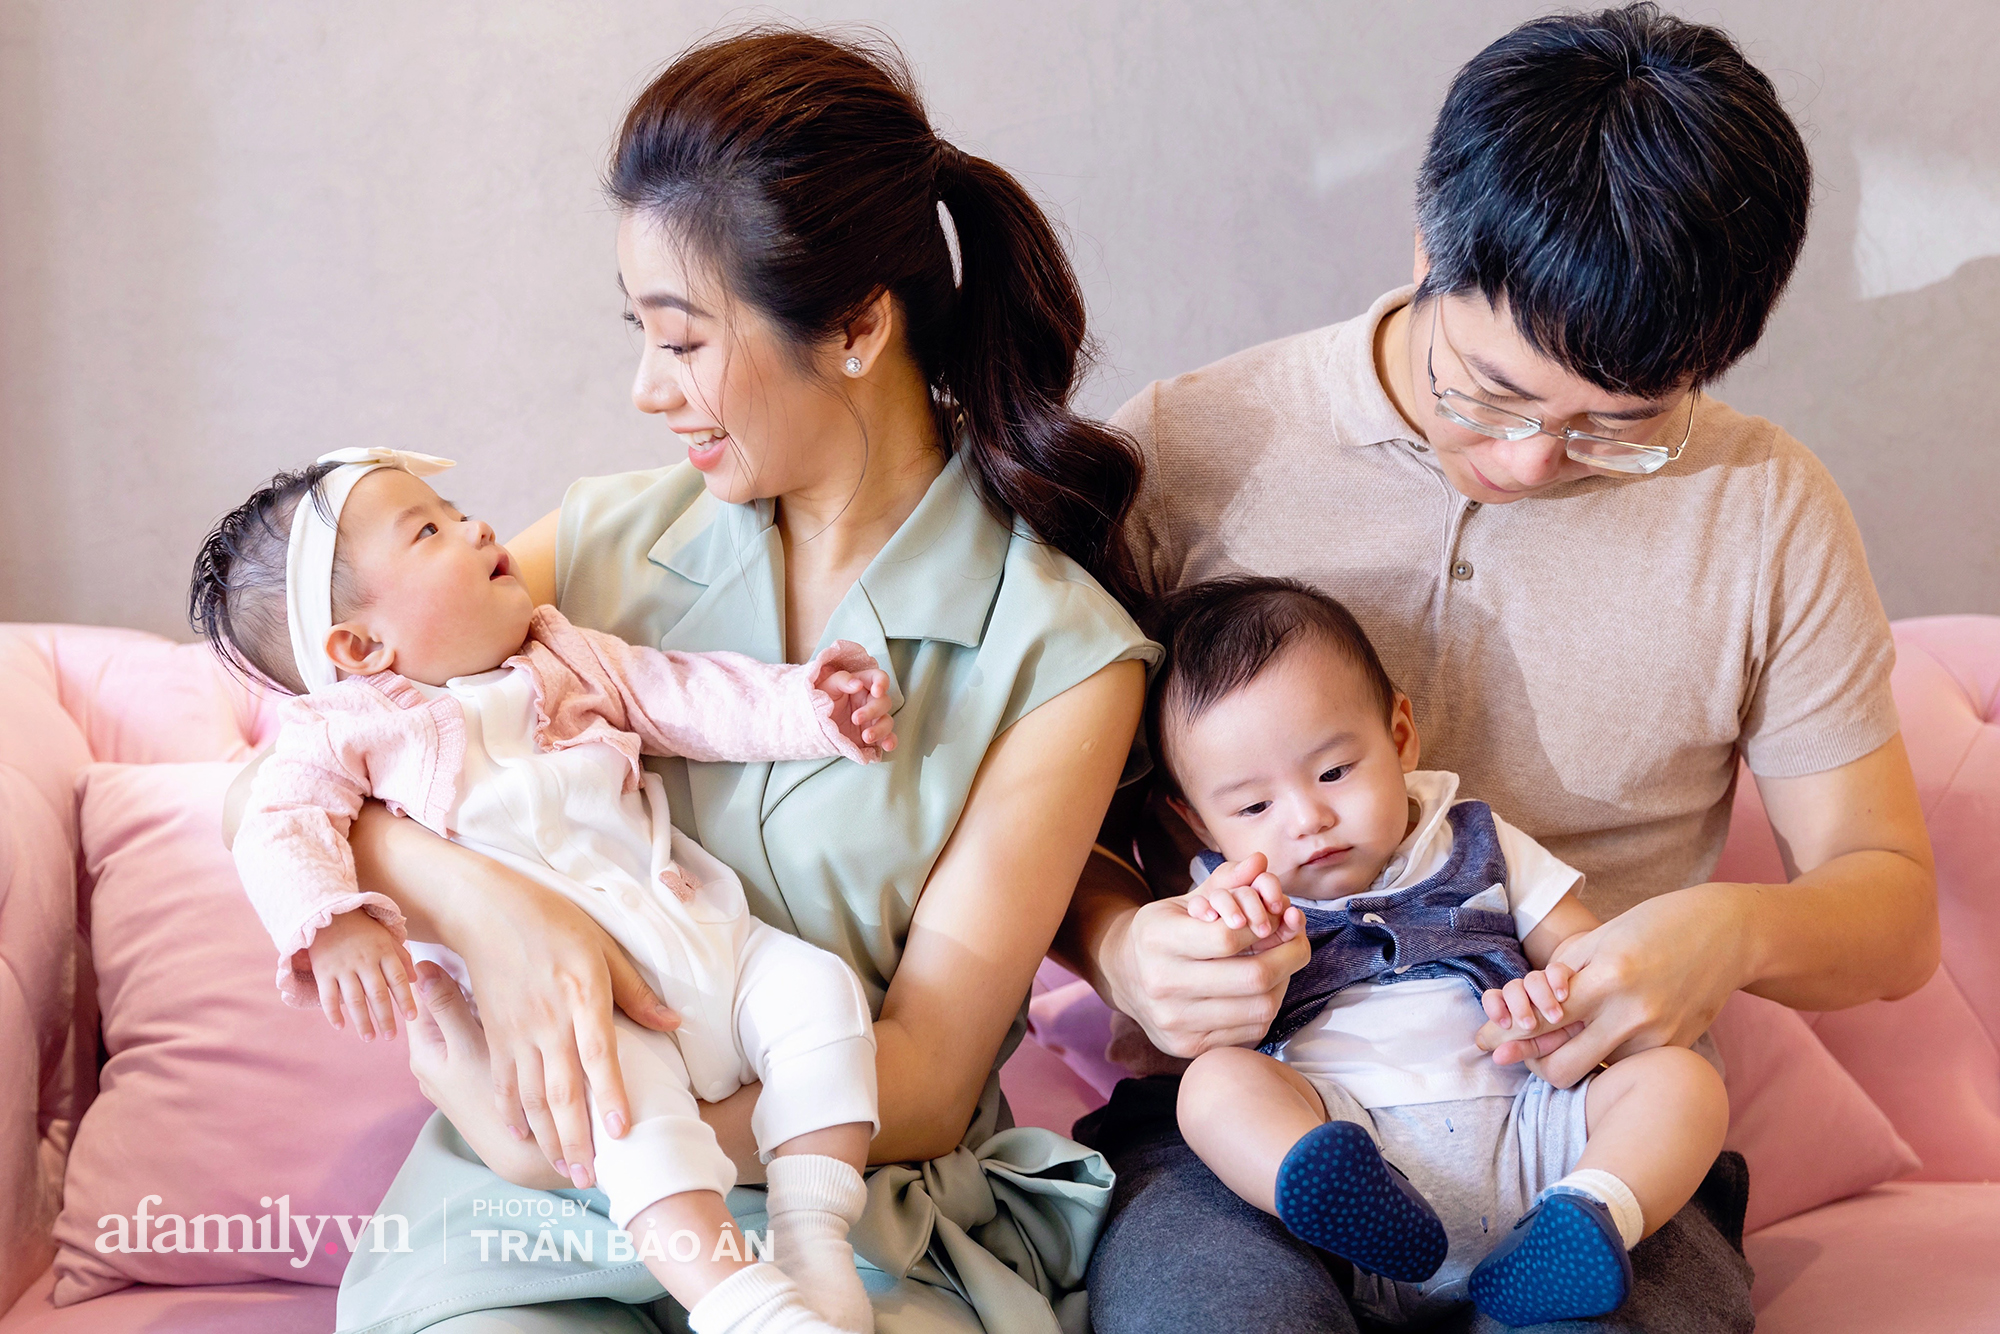 Đỗ Hồng Nhung - Người mẹ 2 con sáng làm văn phòng, tối làm CEO hai công ty, chia sẻ cuộc sống đầy bất ngờ khi được mẹ chồng là Tiến sĩ Tâm lý suốt ngày cưng chiều - Ảnh 4.